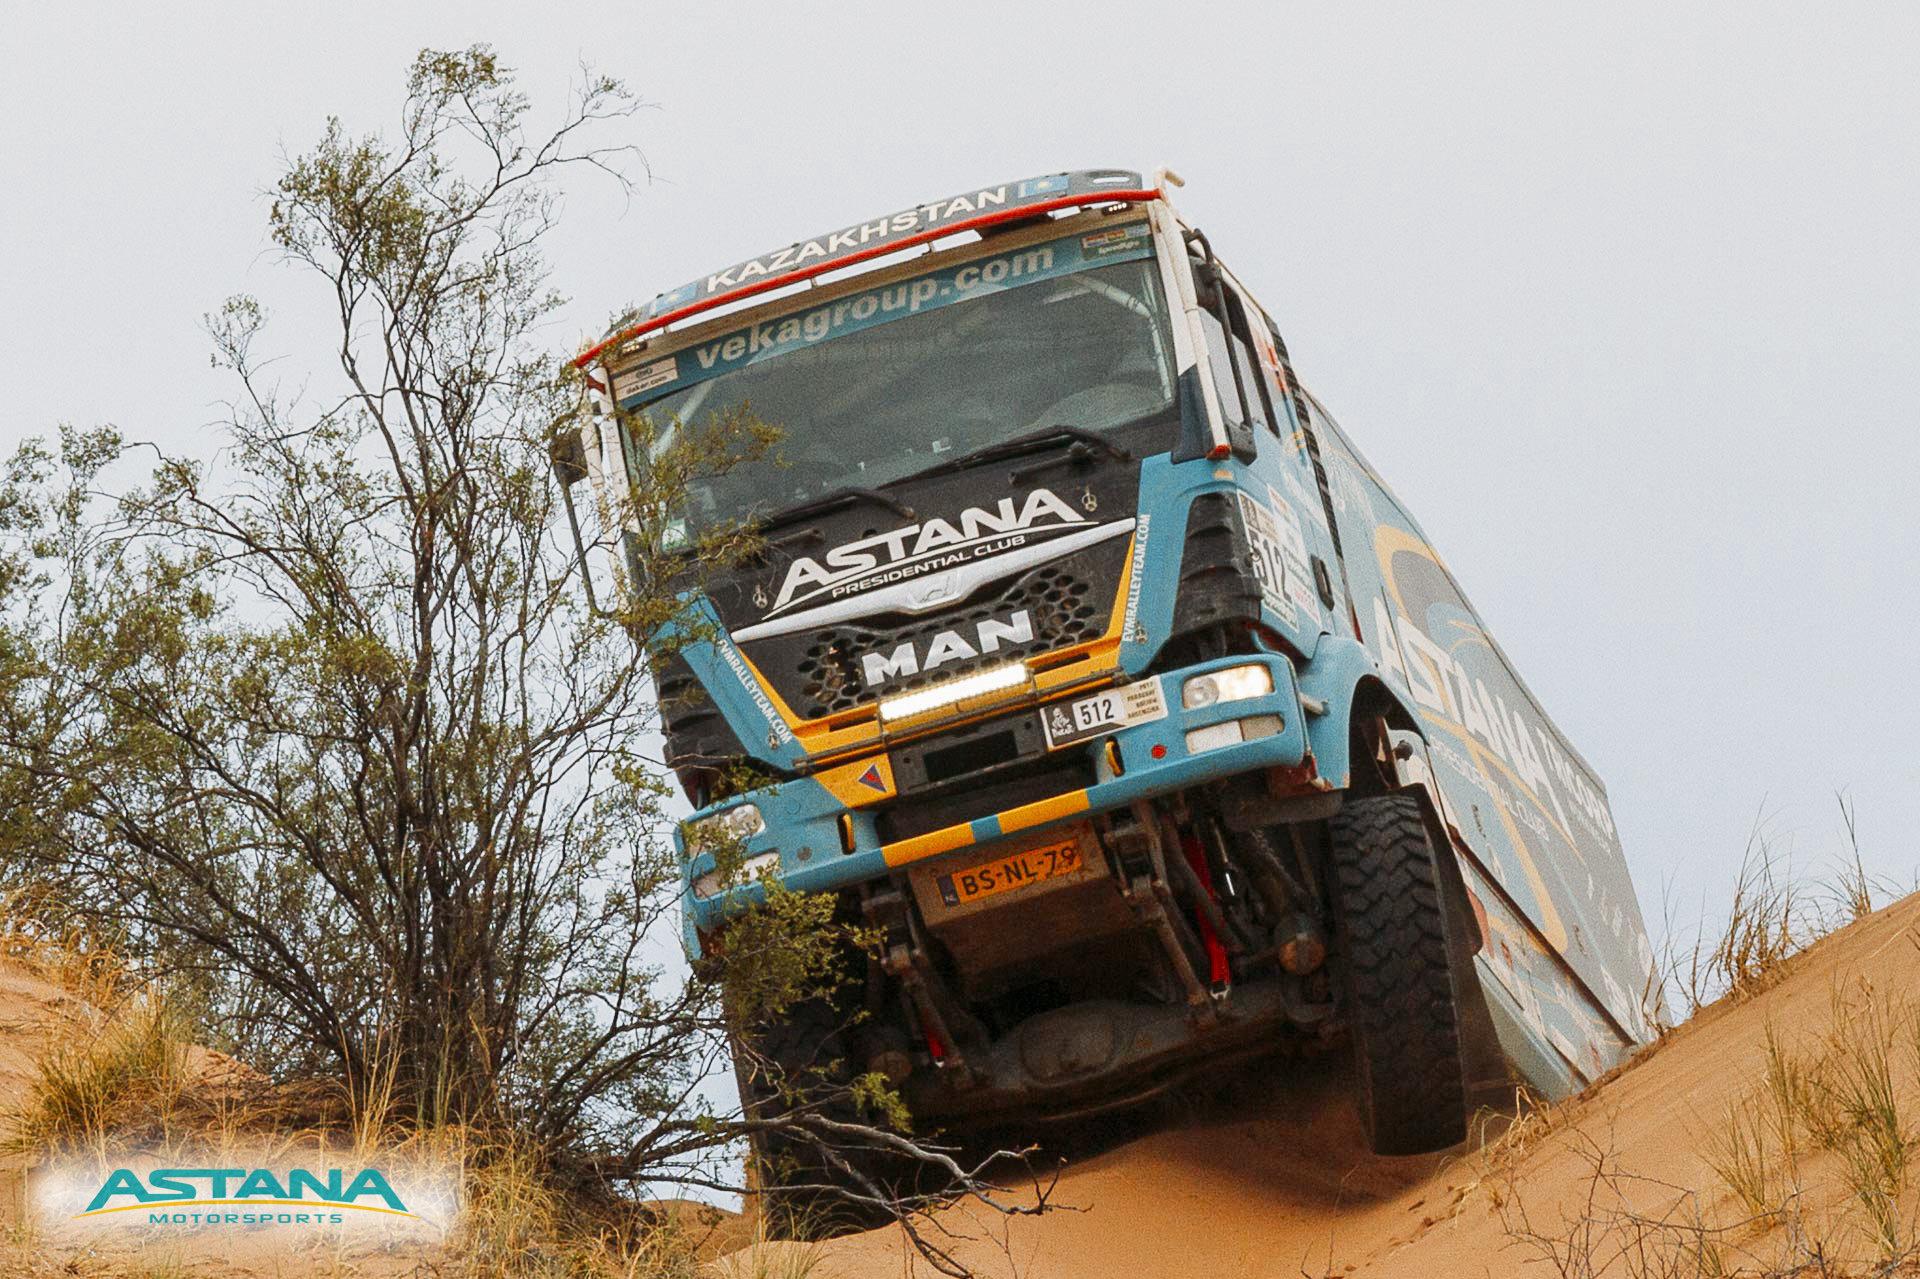 Грузовой экипаж Astana Motorsports занял 26-е место на Дакаре-2017